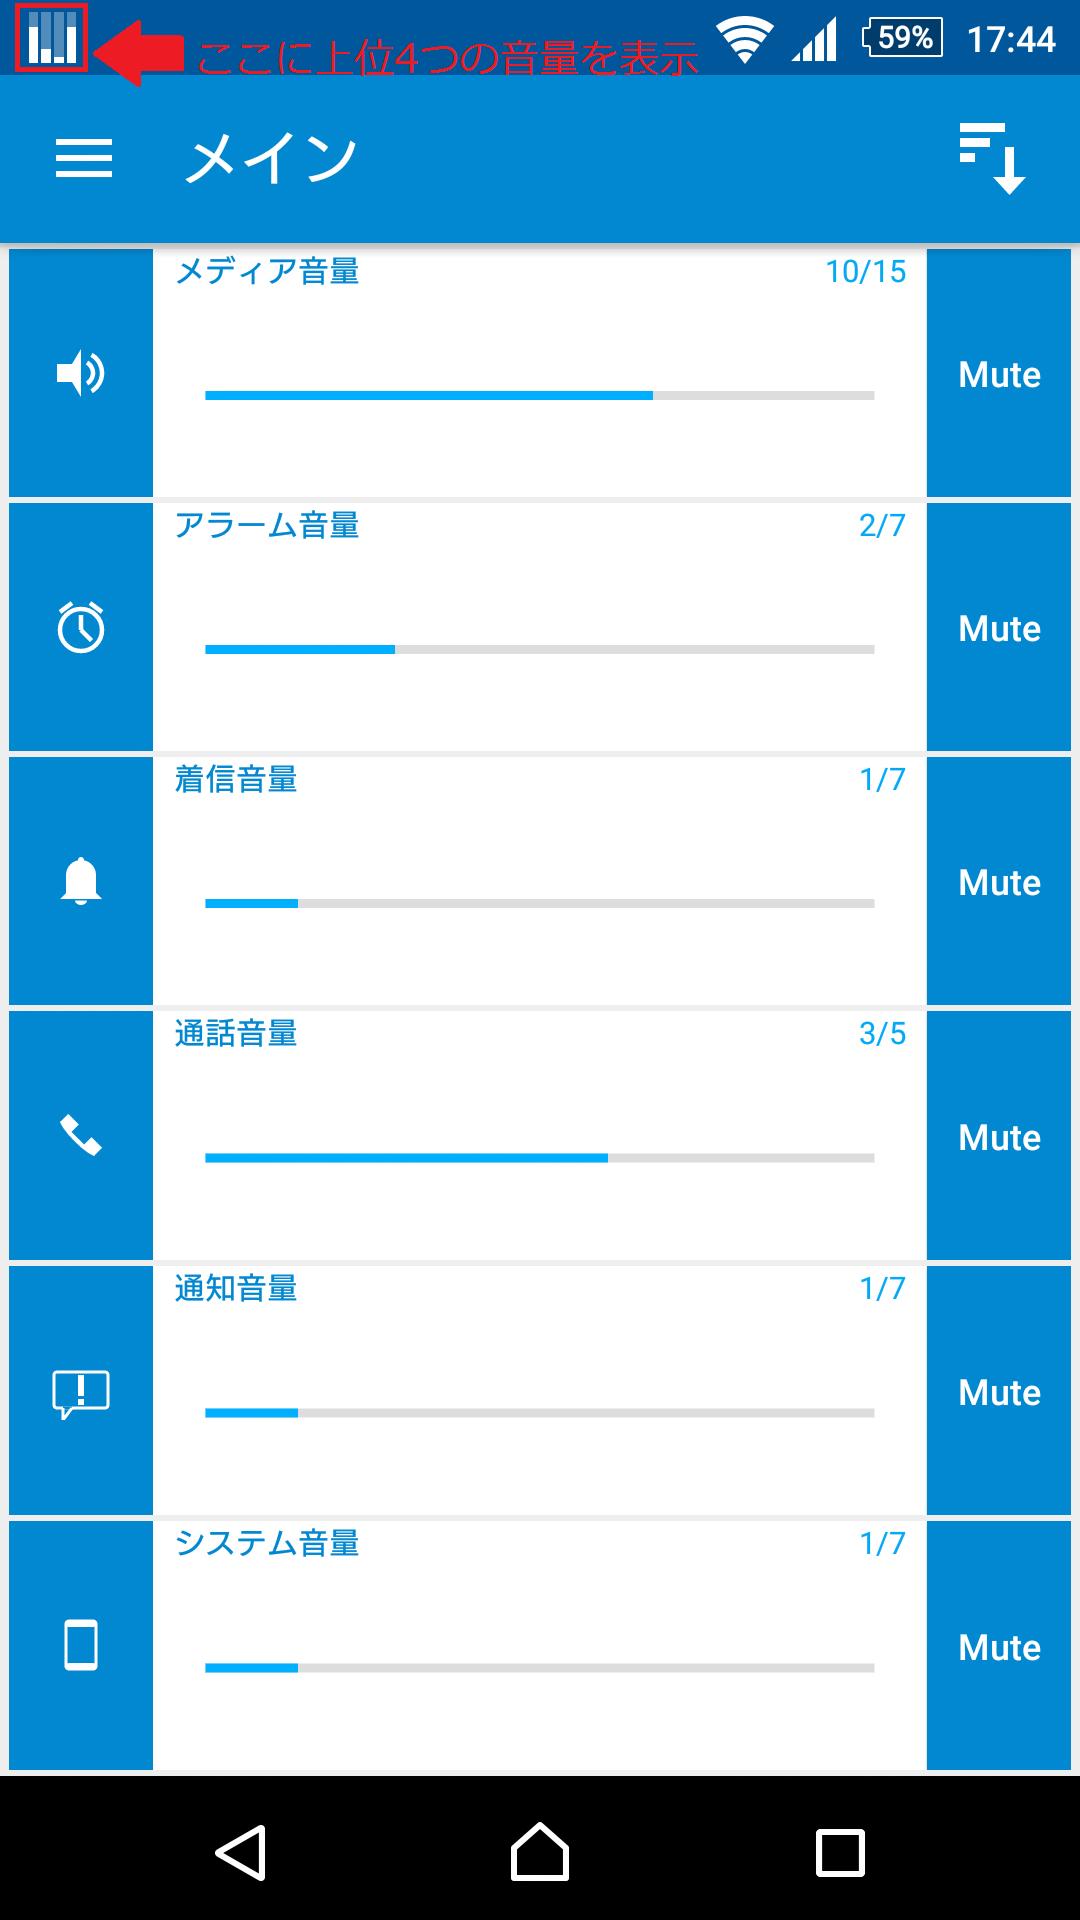 VolumeIcon0.3.0メイン画面